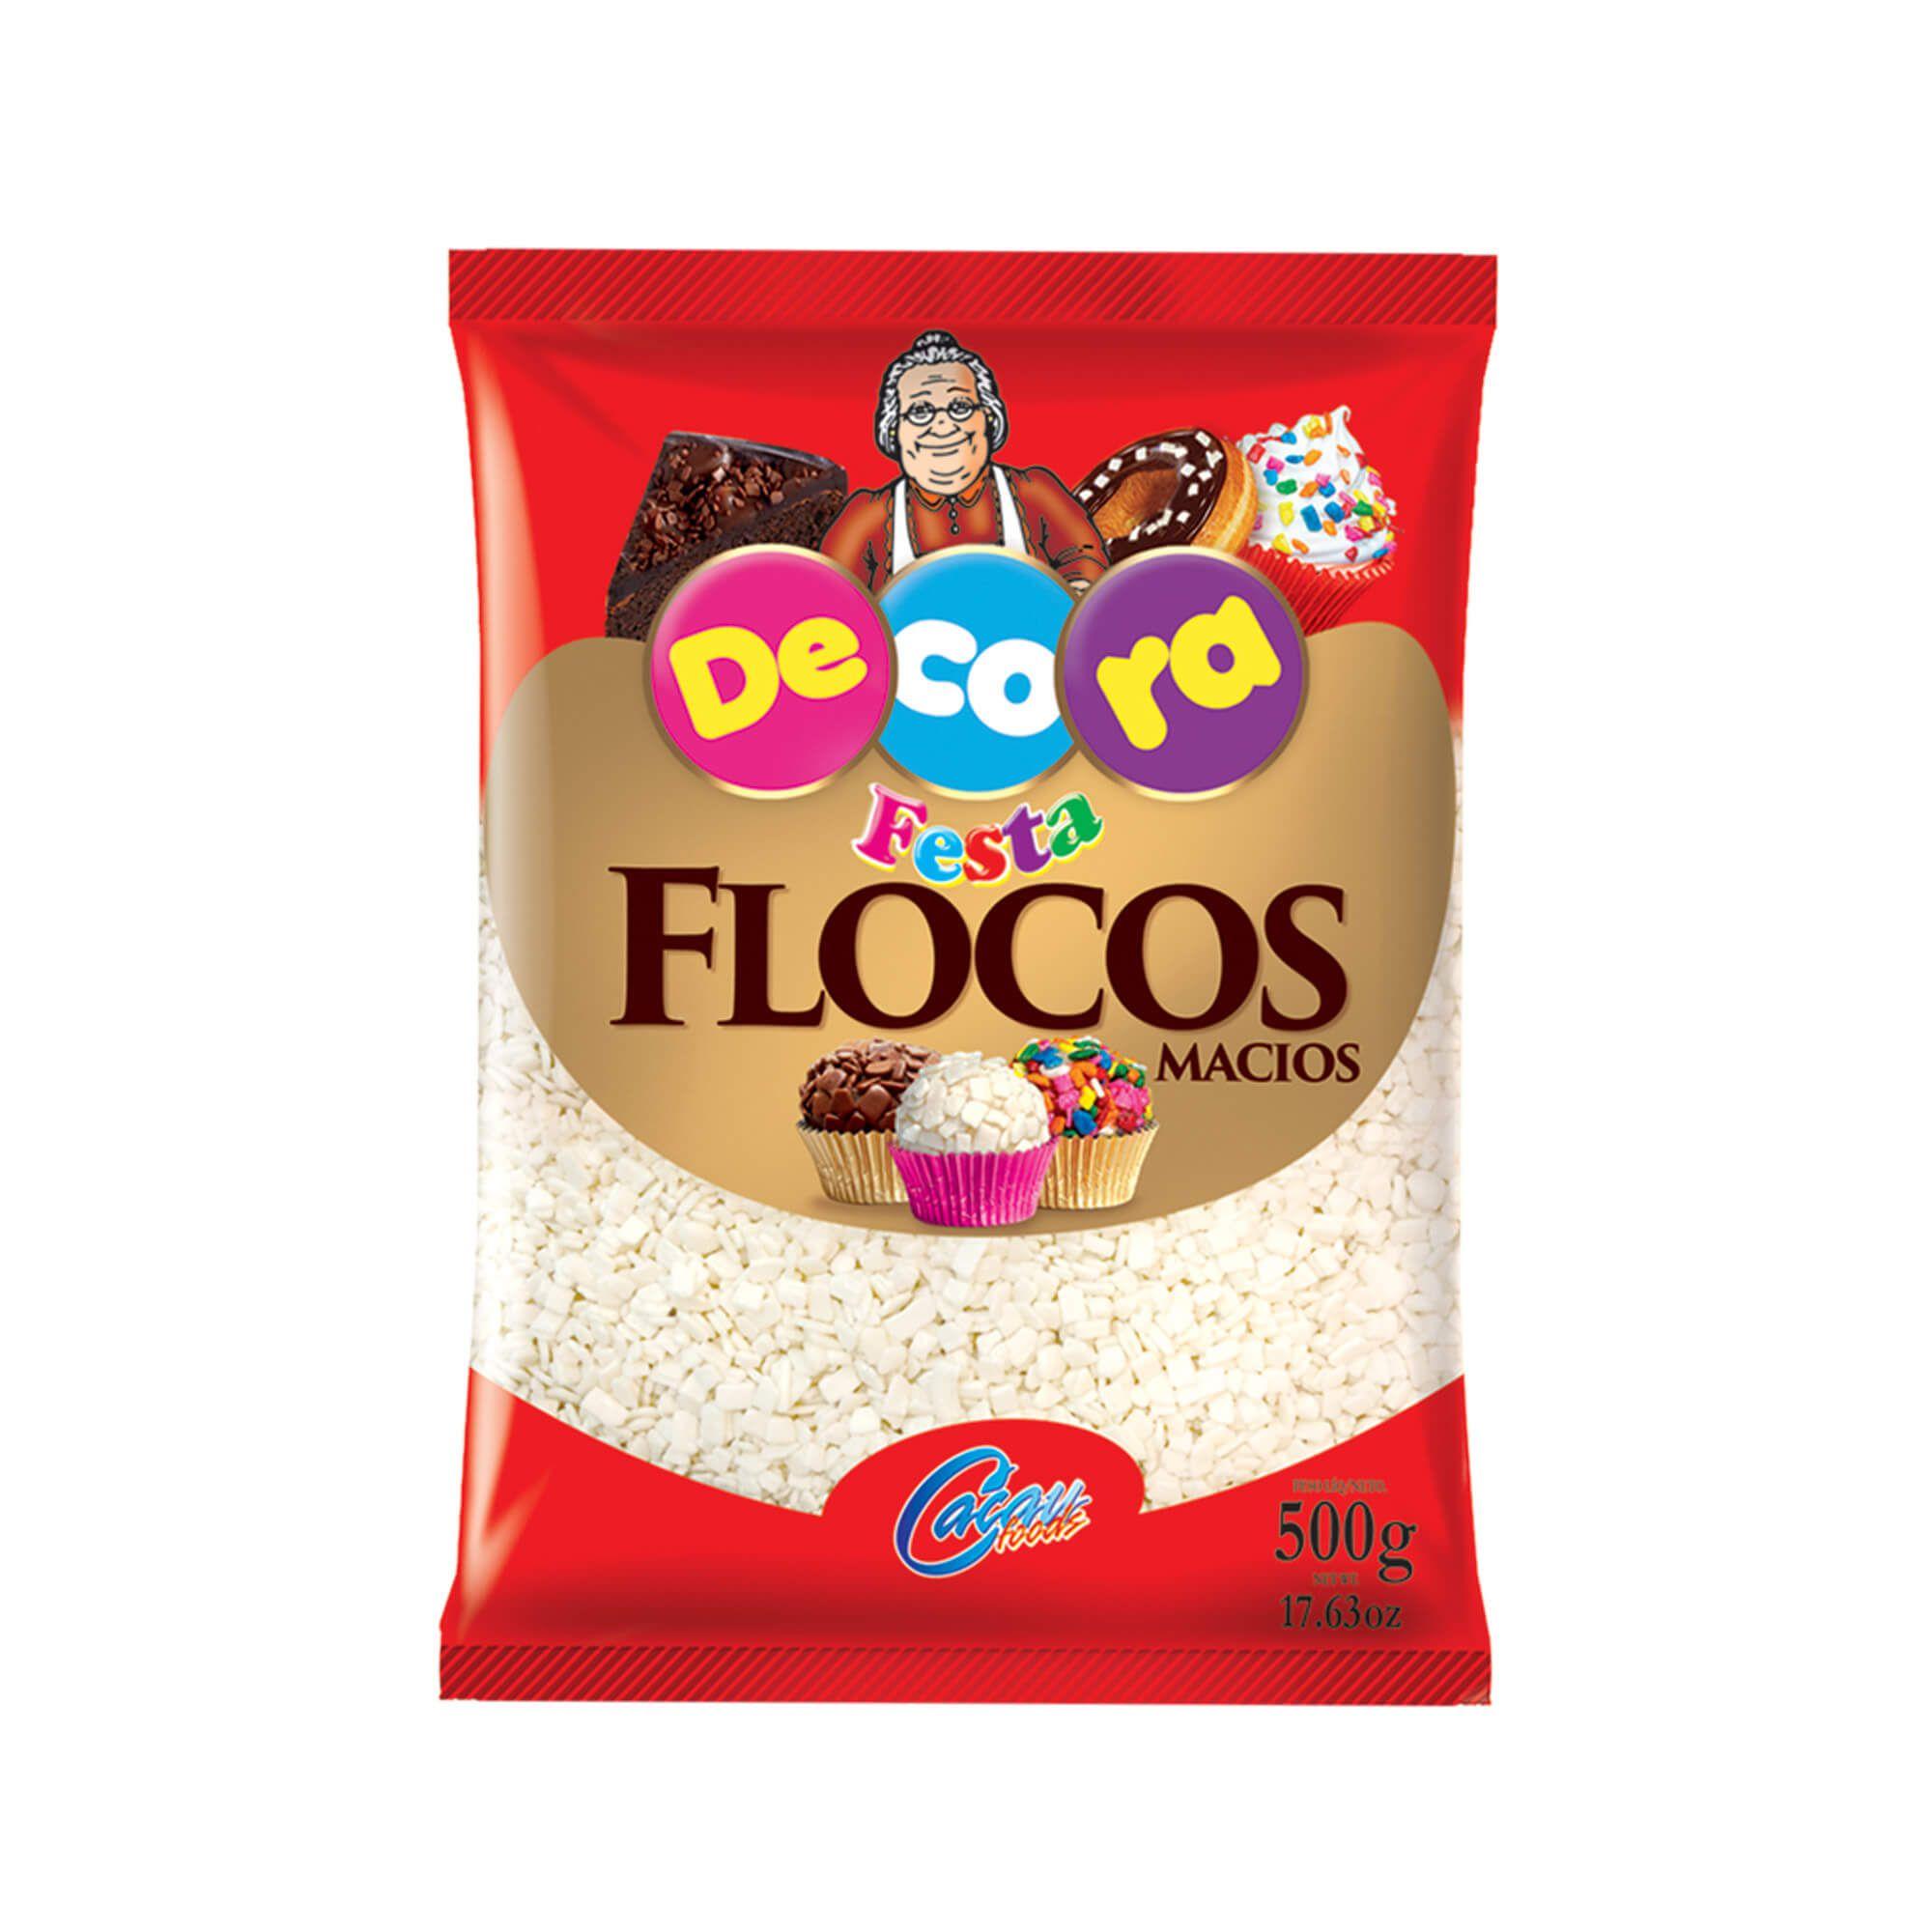 FLOCOS  MACIO SABOR CHOCOLATE BRANCO DECORA 500G  - Santa Bella